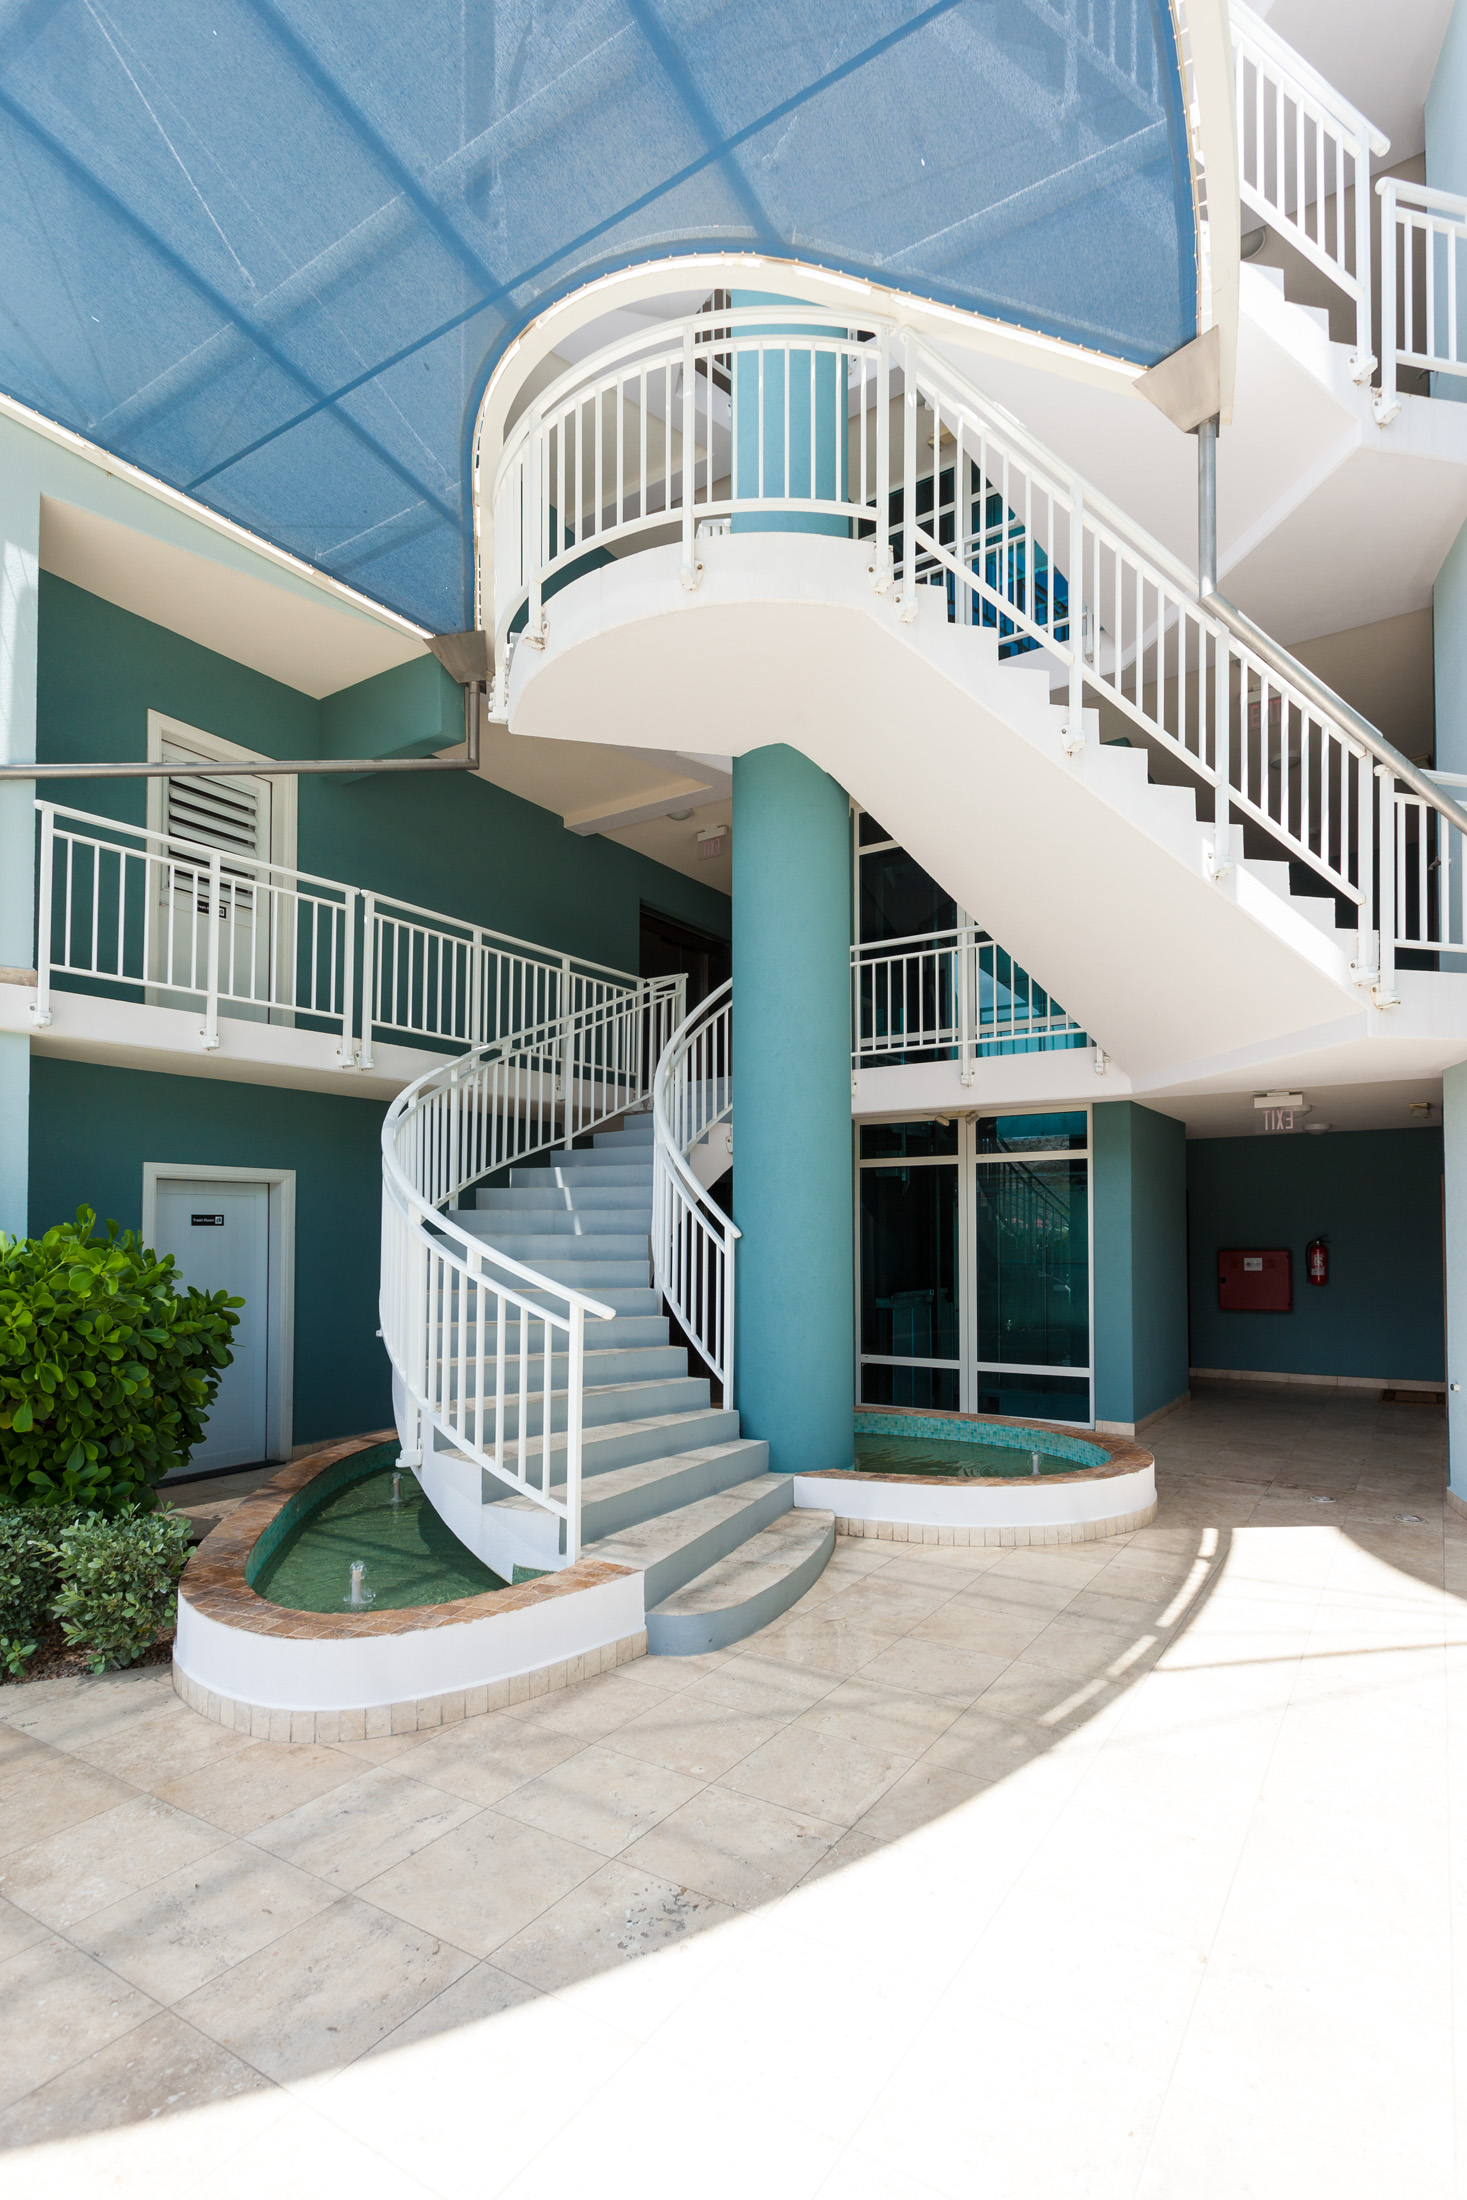 3 Bedroom Condos In Panama City Beach: Lighthouse 3 Bedroom Condo